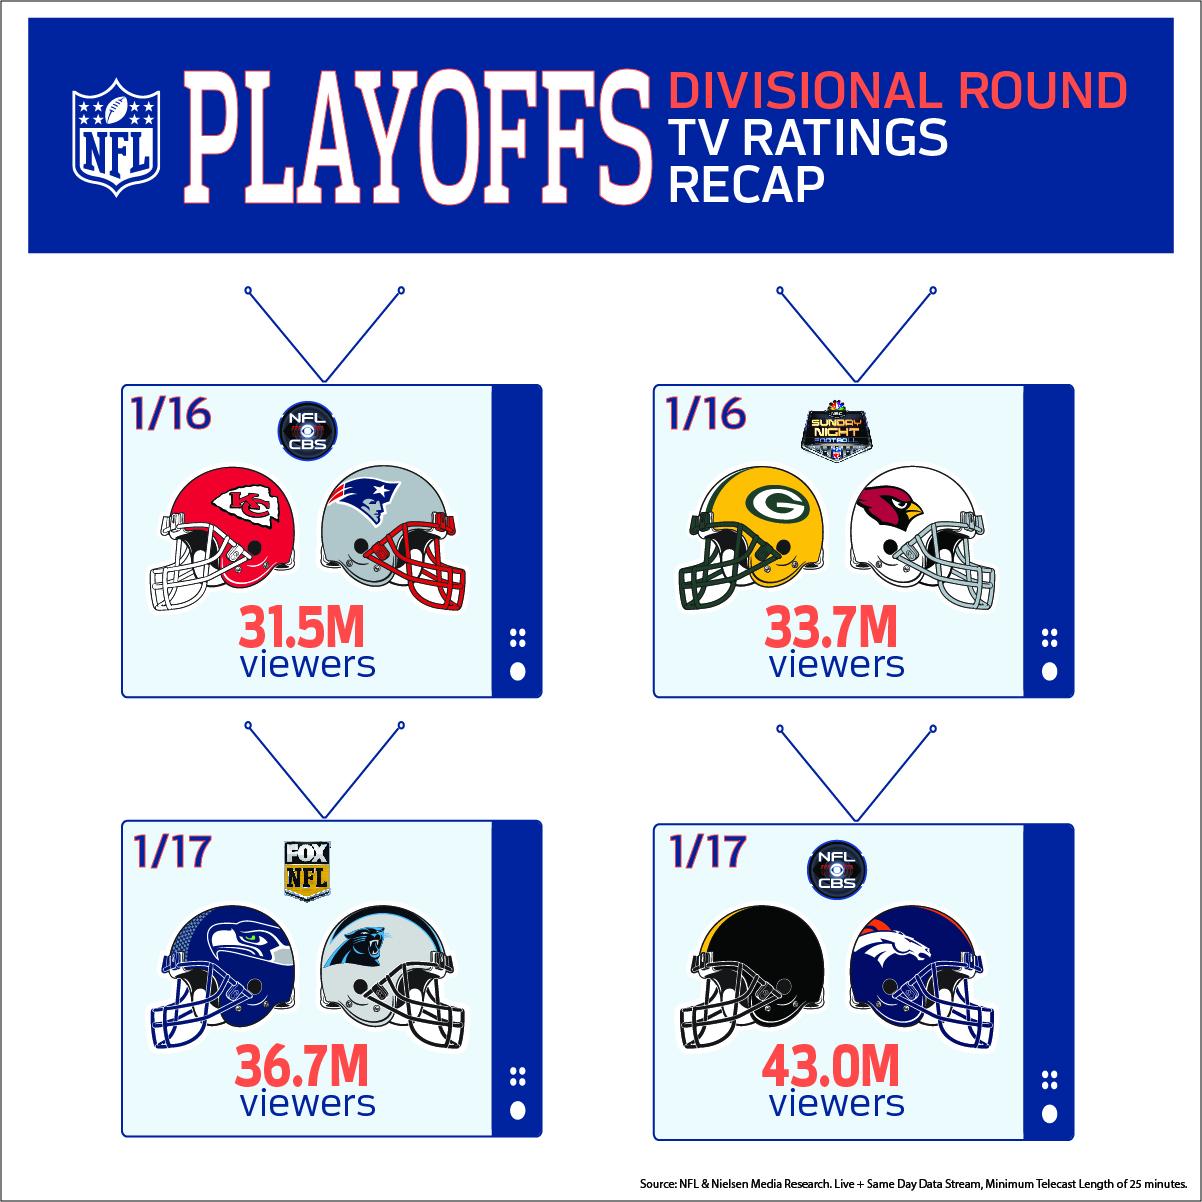 Divisional Round Rating Recap